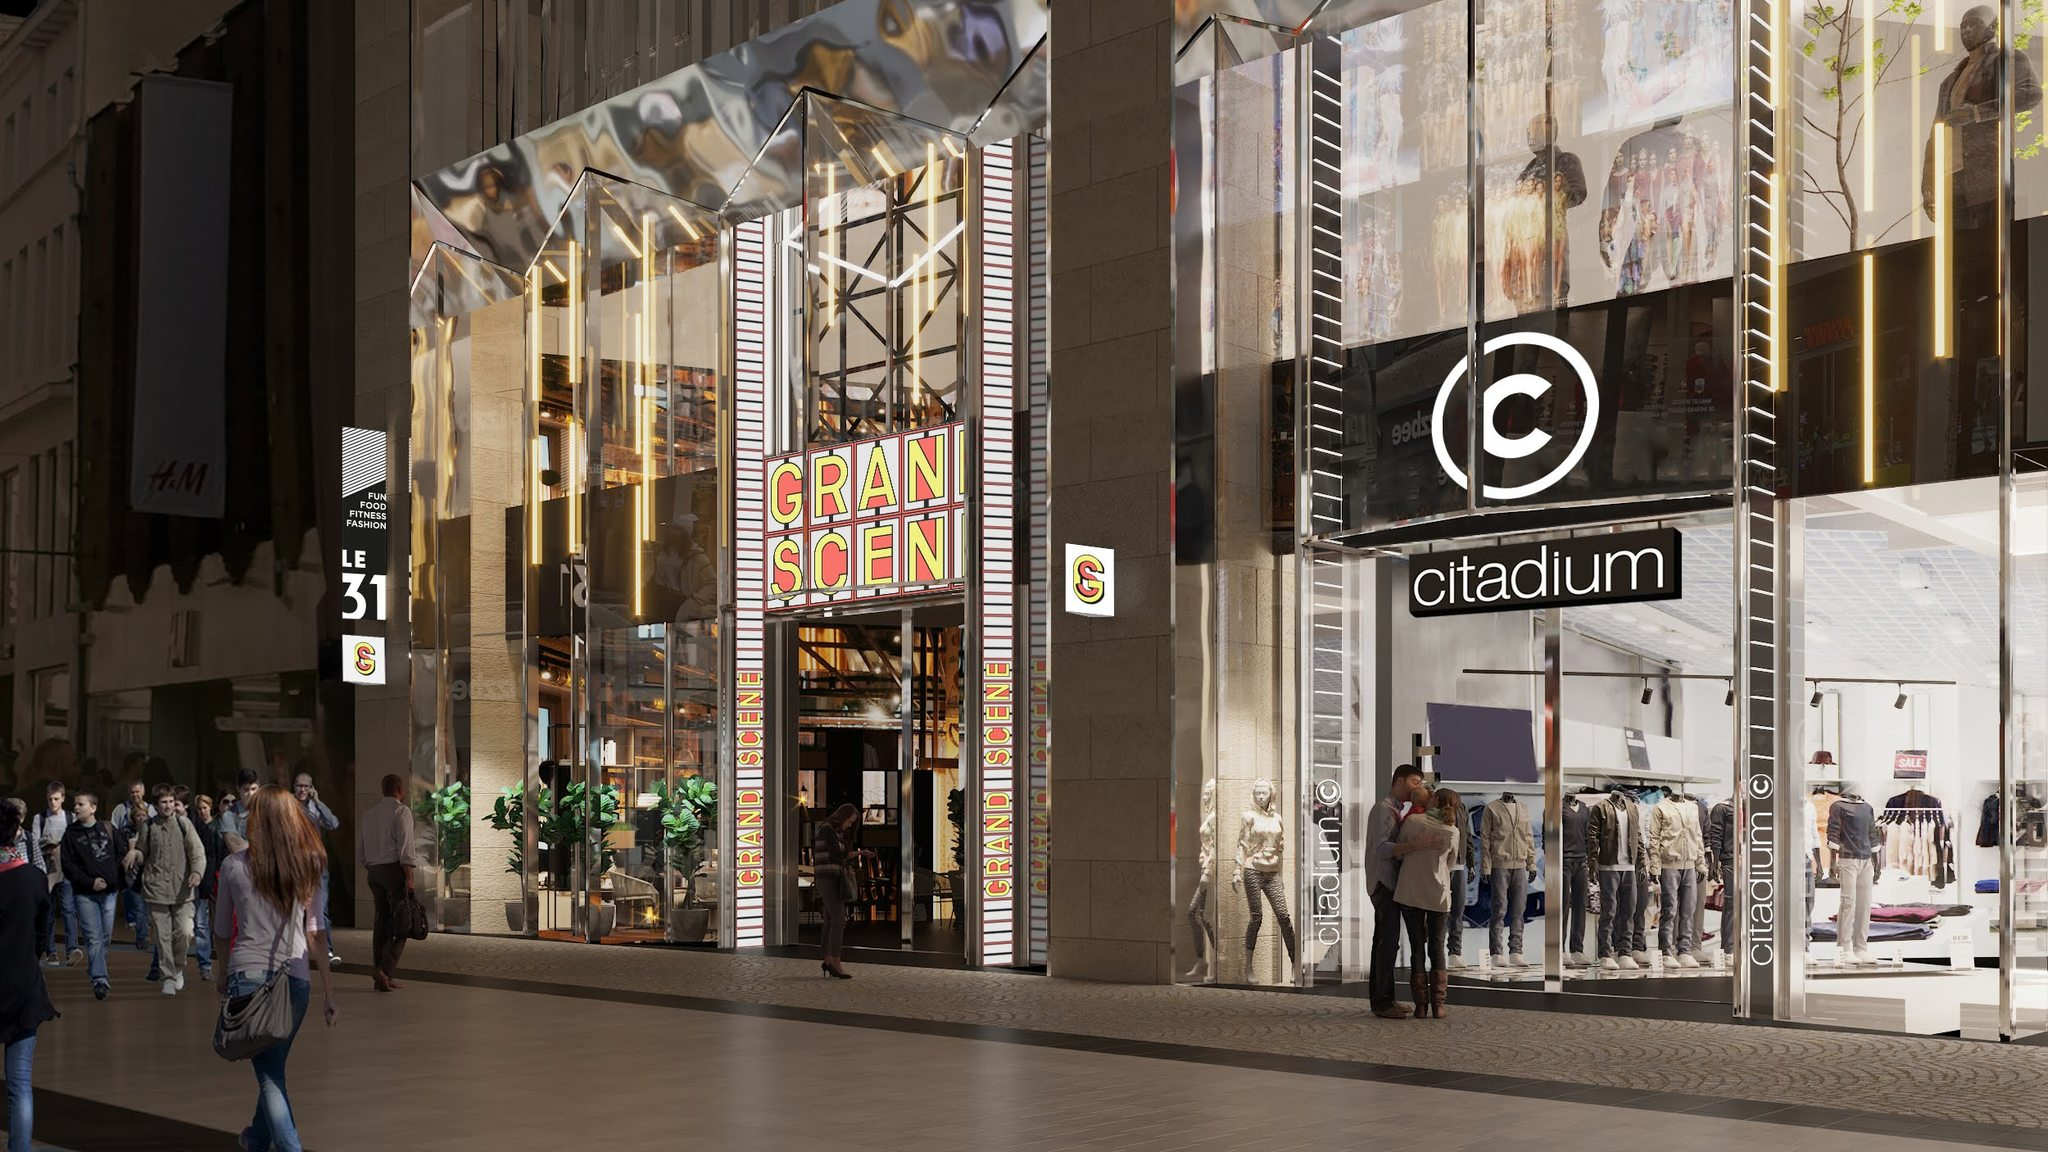 « Le 31 » : une adresse emblématique et un projet innovant à Lille